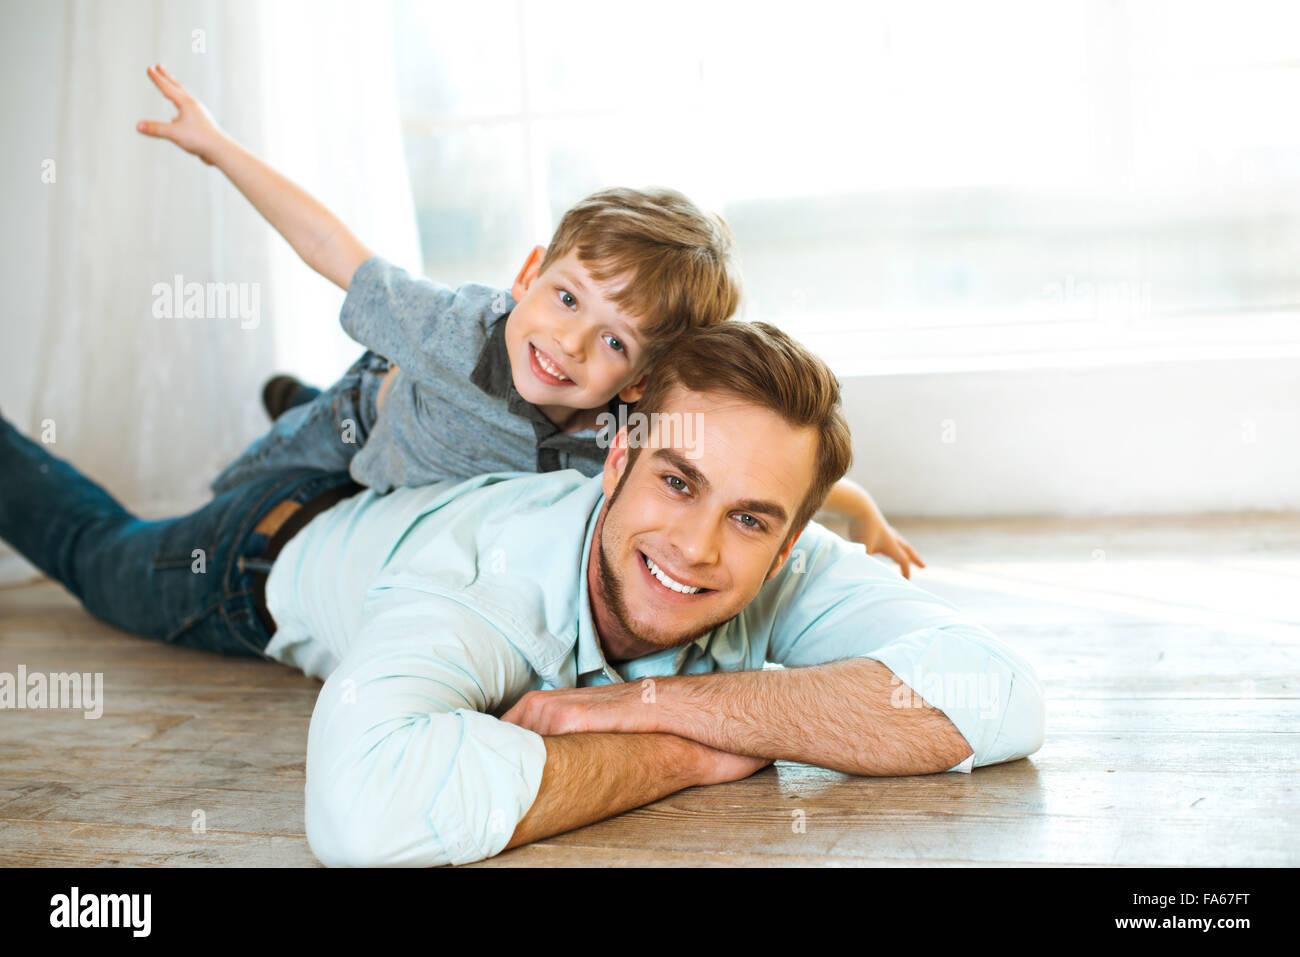 Kleiner Junge und sein Vater auf Holzboden Stockbild